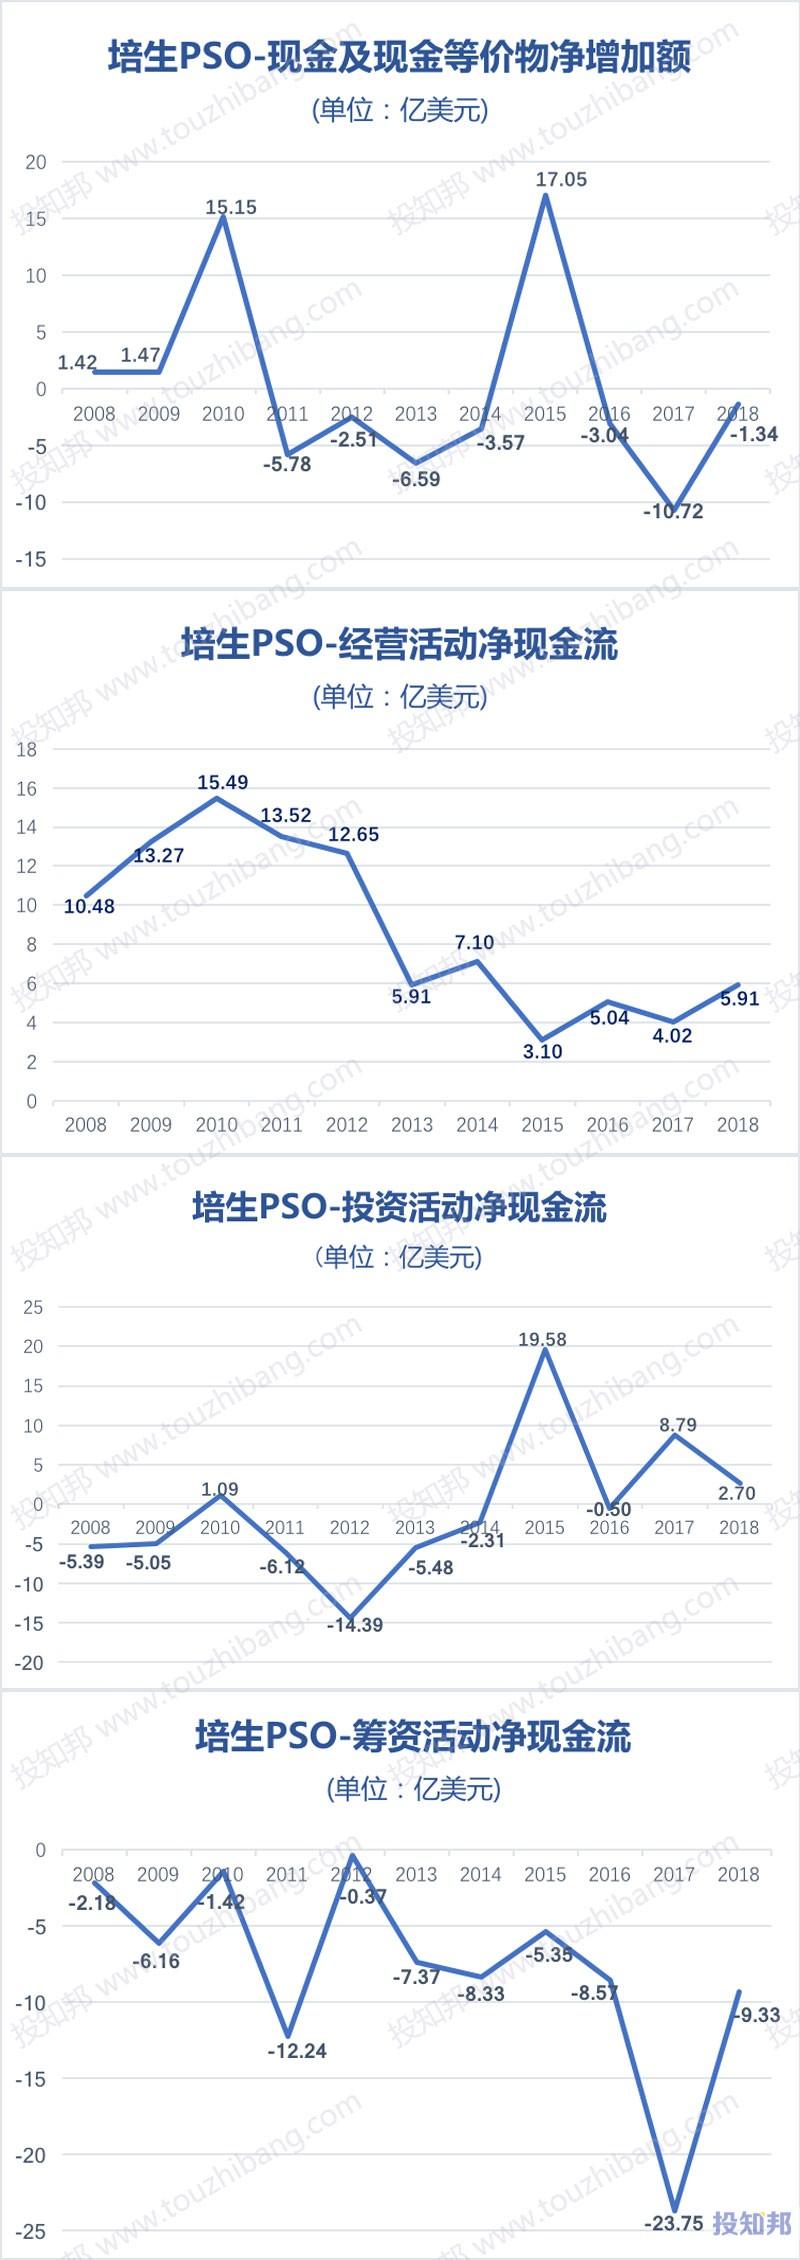 图解培生教育(PSO)财报数据(以美元计,2008~2018年)